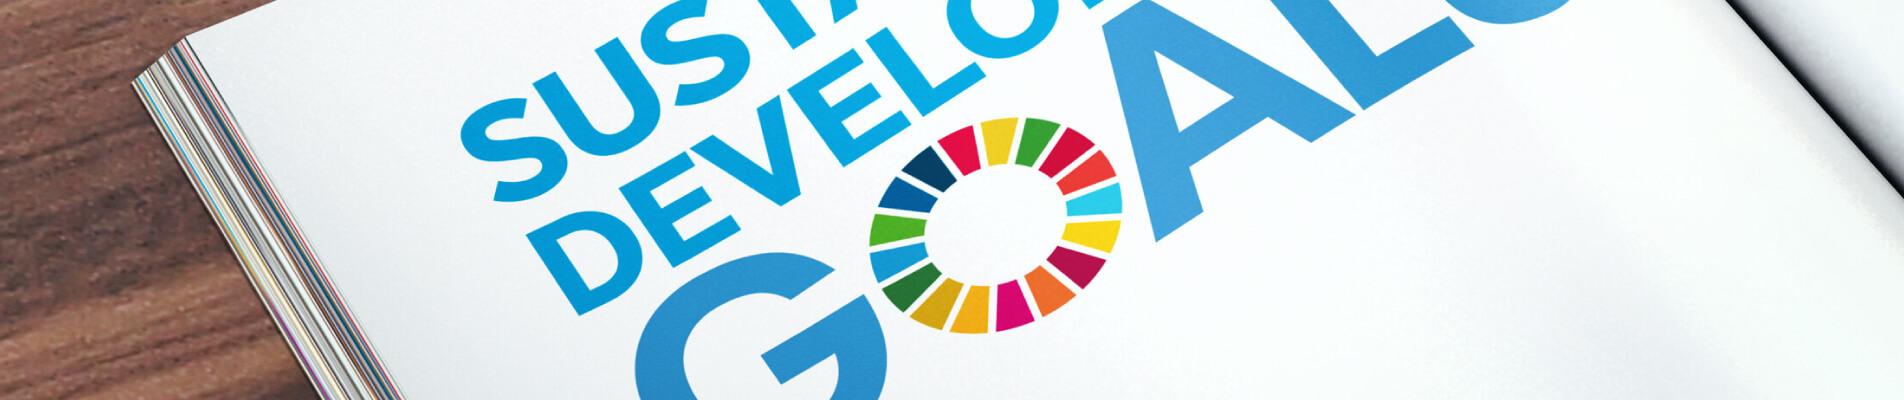 Sustainable Development Goals: tutto sugli SDGs